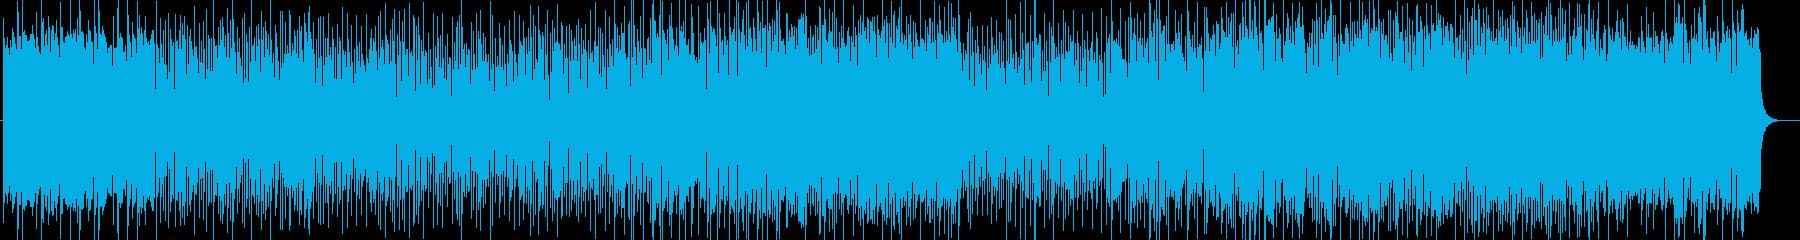 アップテンポで爽快感のあるリズムの再生済みの波形